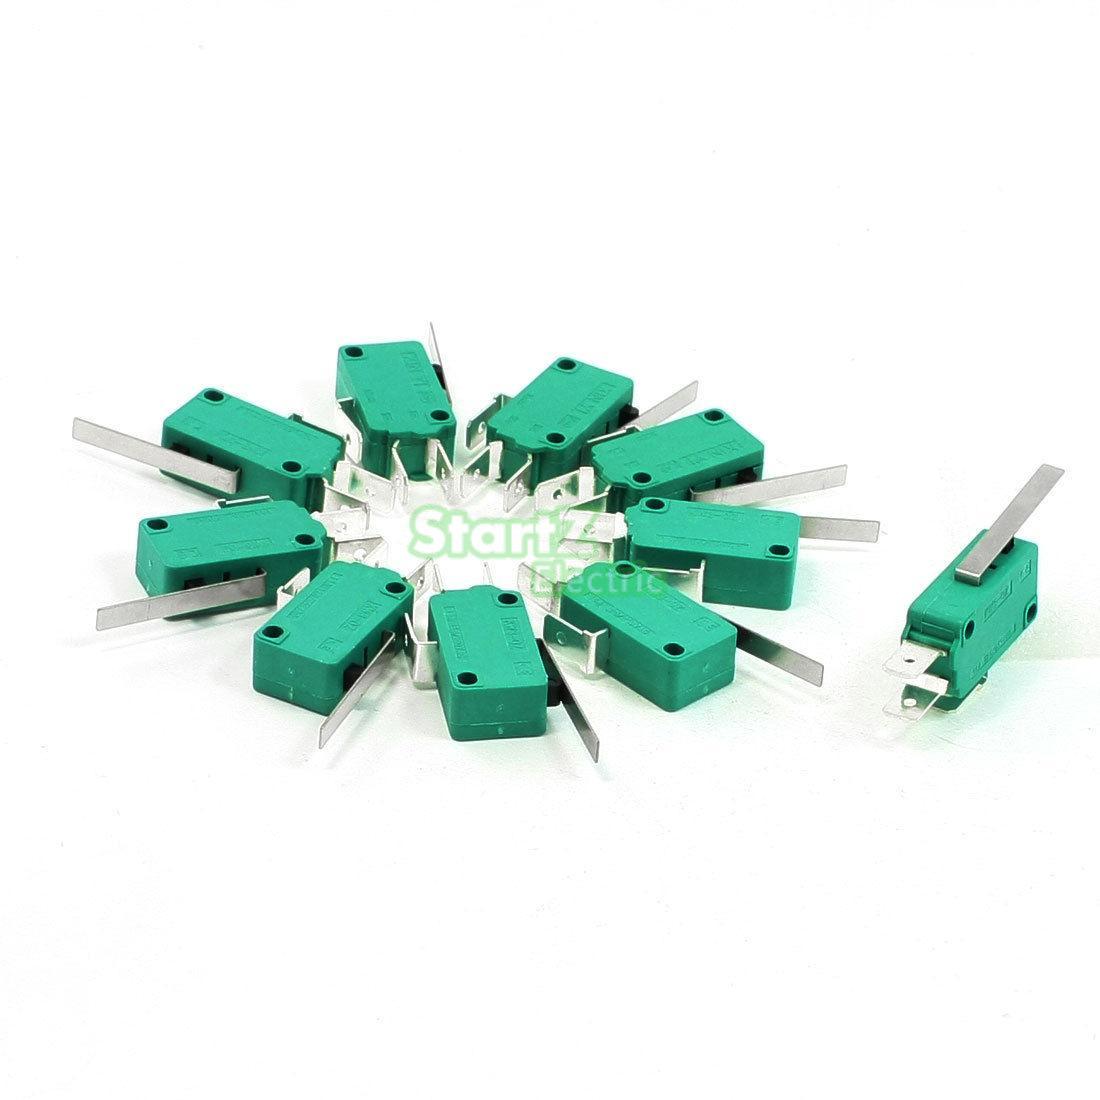 10PCS microswitch limit switch 3pin N/O N/C long lever microswitch Green KW4-3Z